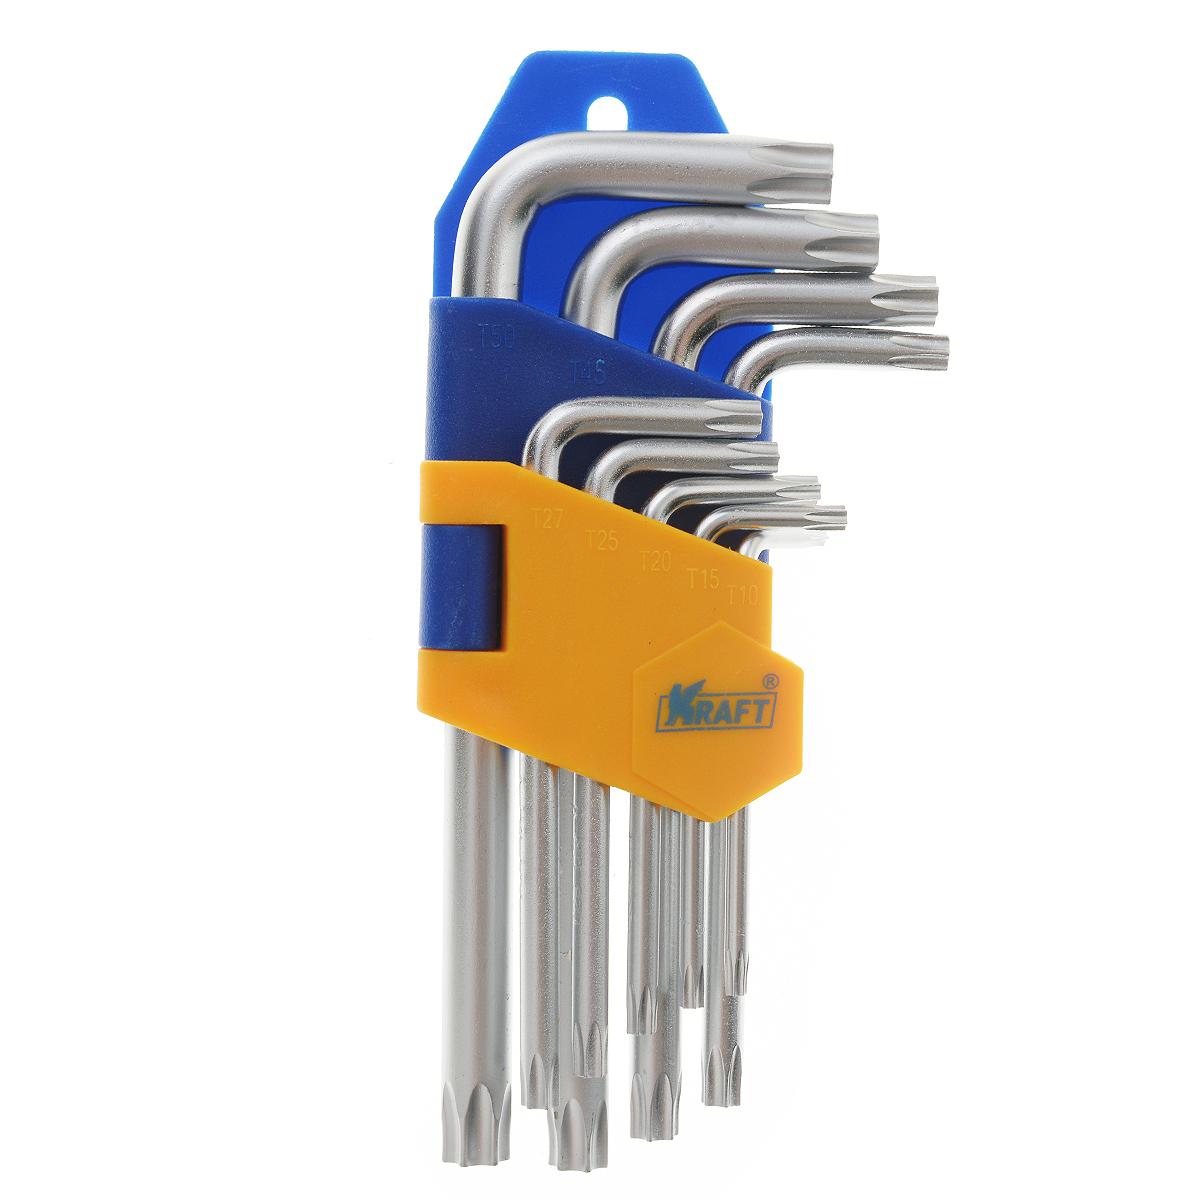 ����� ������ ������������ Kraft Professional Torx, ��������, �10 - �50, 9 �� - Kraft��700567����� ������������ ���������� ������ Kraft Professional Torx ������������ ��� ������ � ���������� ����������, �������� ���������� ������������. ������ ���� ���������� �� ��������������� ����� � ������� ������������ � ������� �������� torx. � ����� ������ �����: �10, �15, �20, �25, �27, �30, �40, �45, �50.